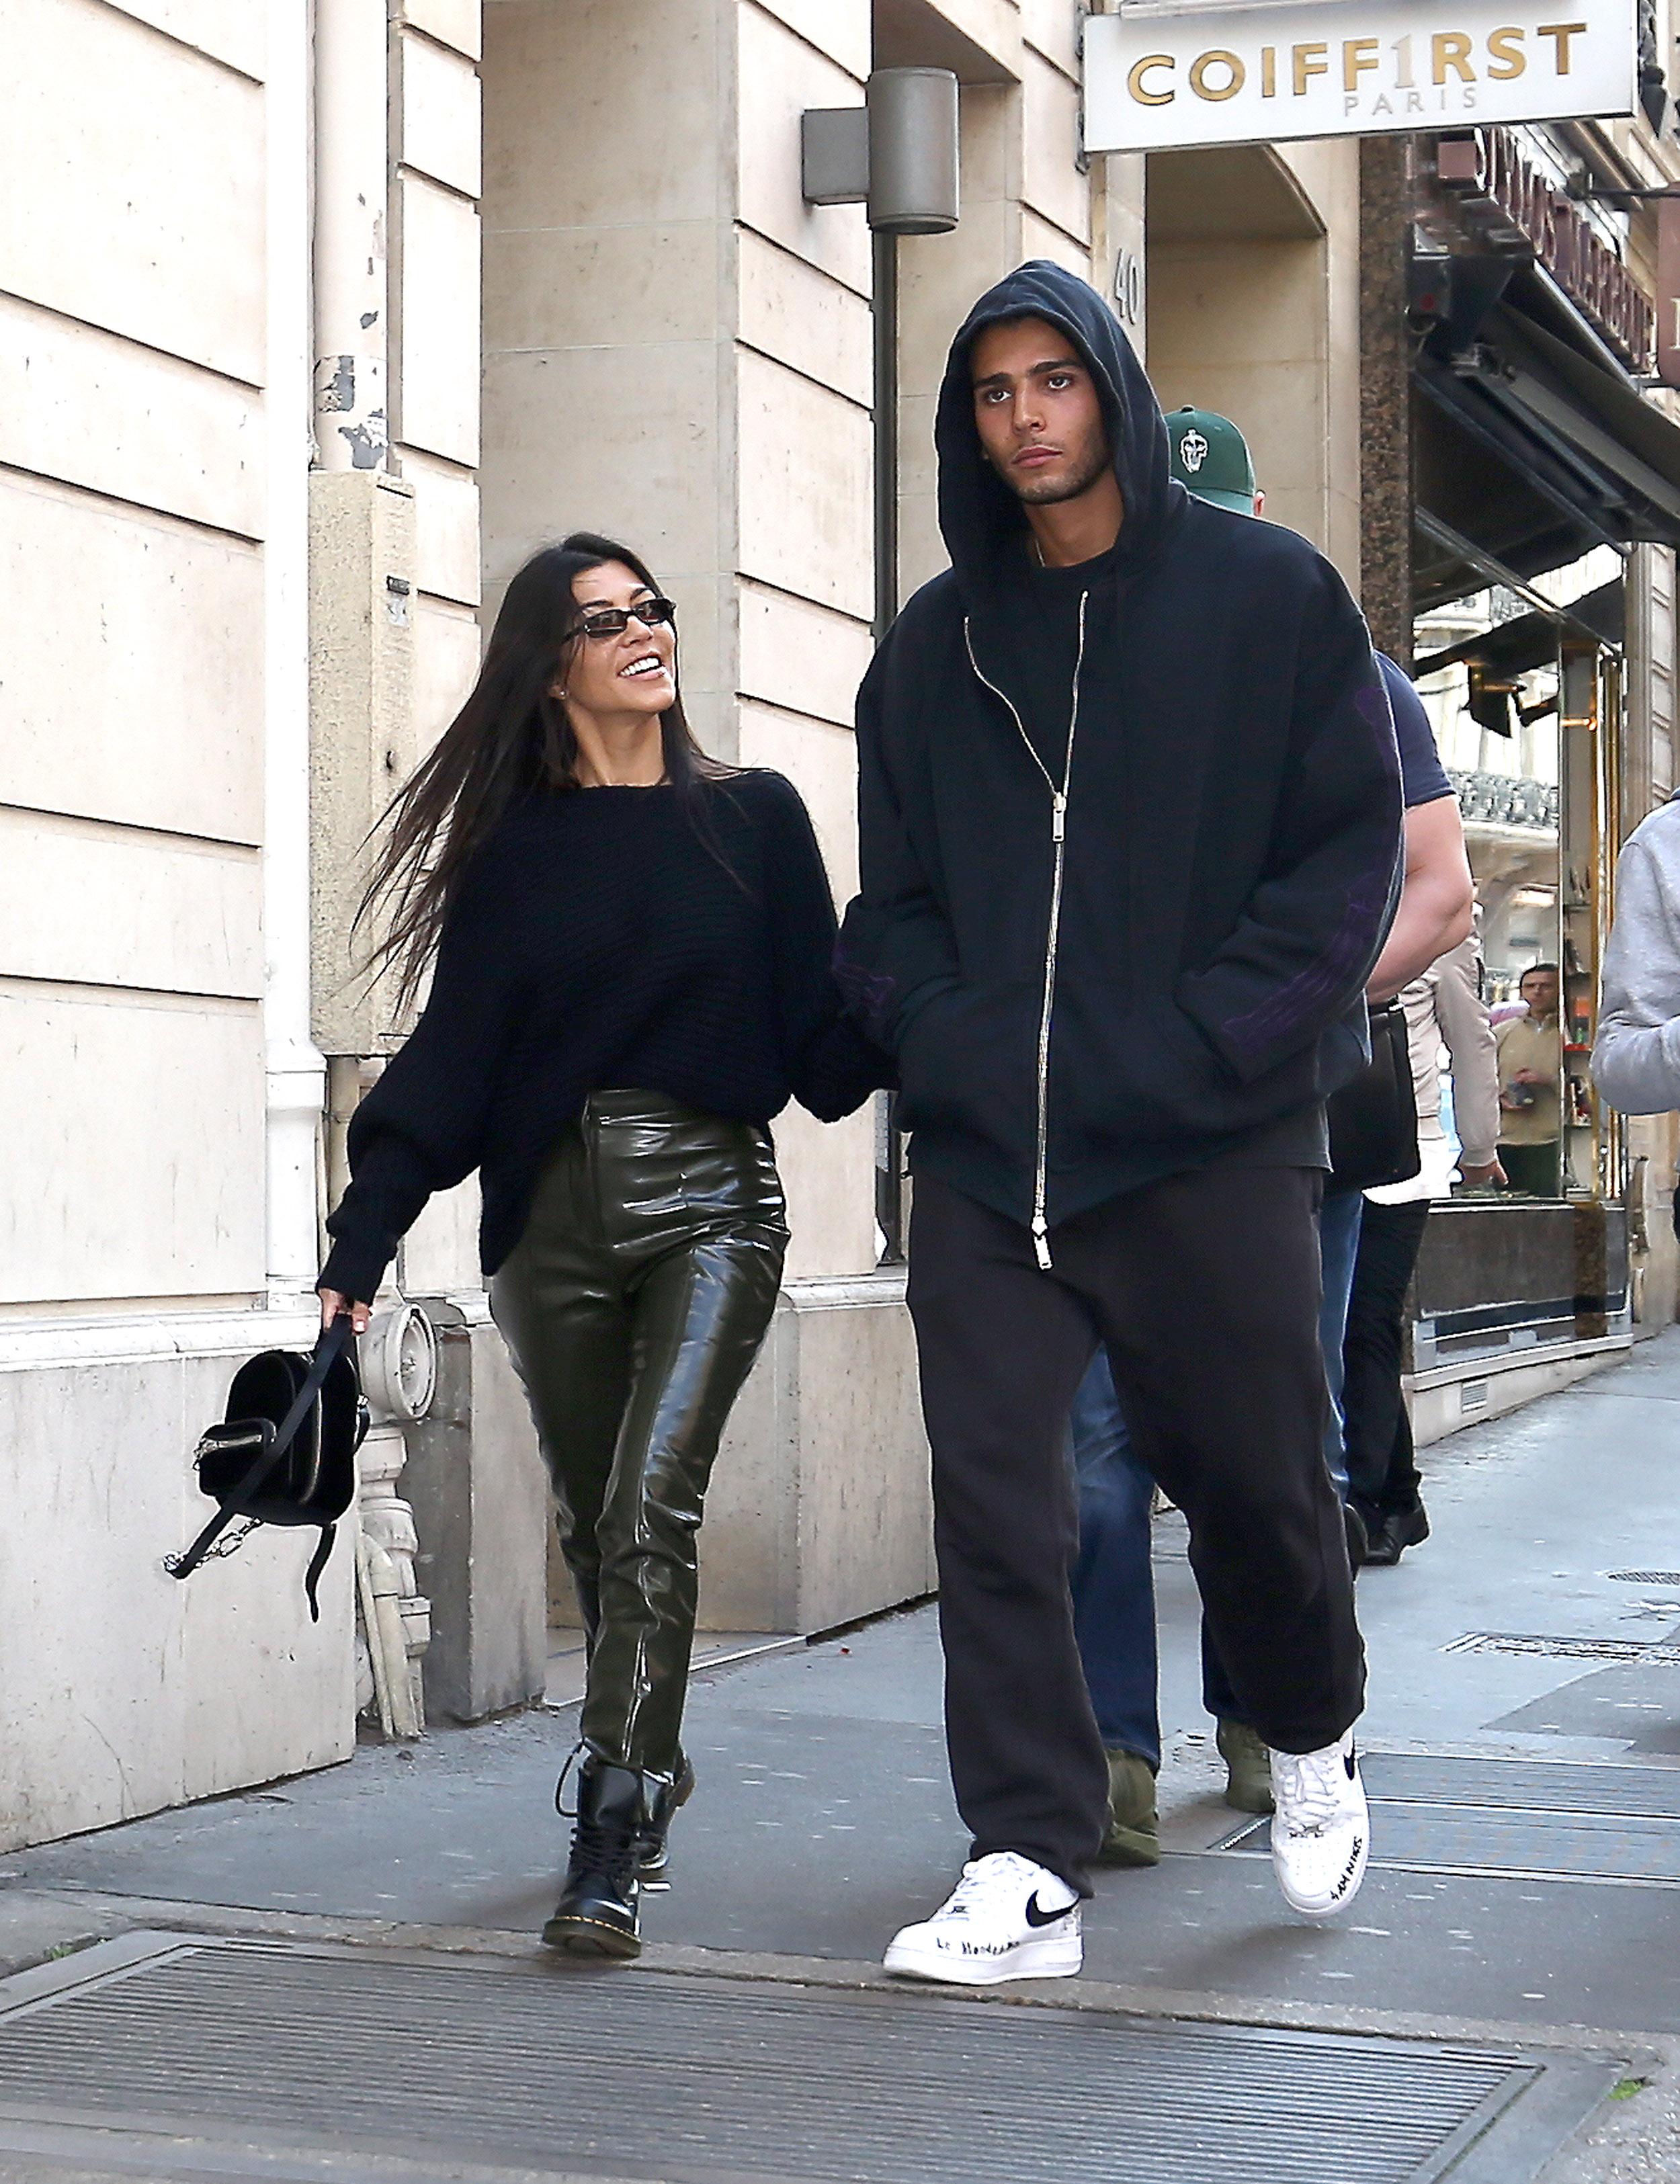 N'en déplaise à Kim Kardashian, Kourtney a rejoint Younes Bendjima à Paris !